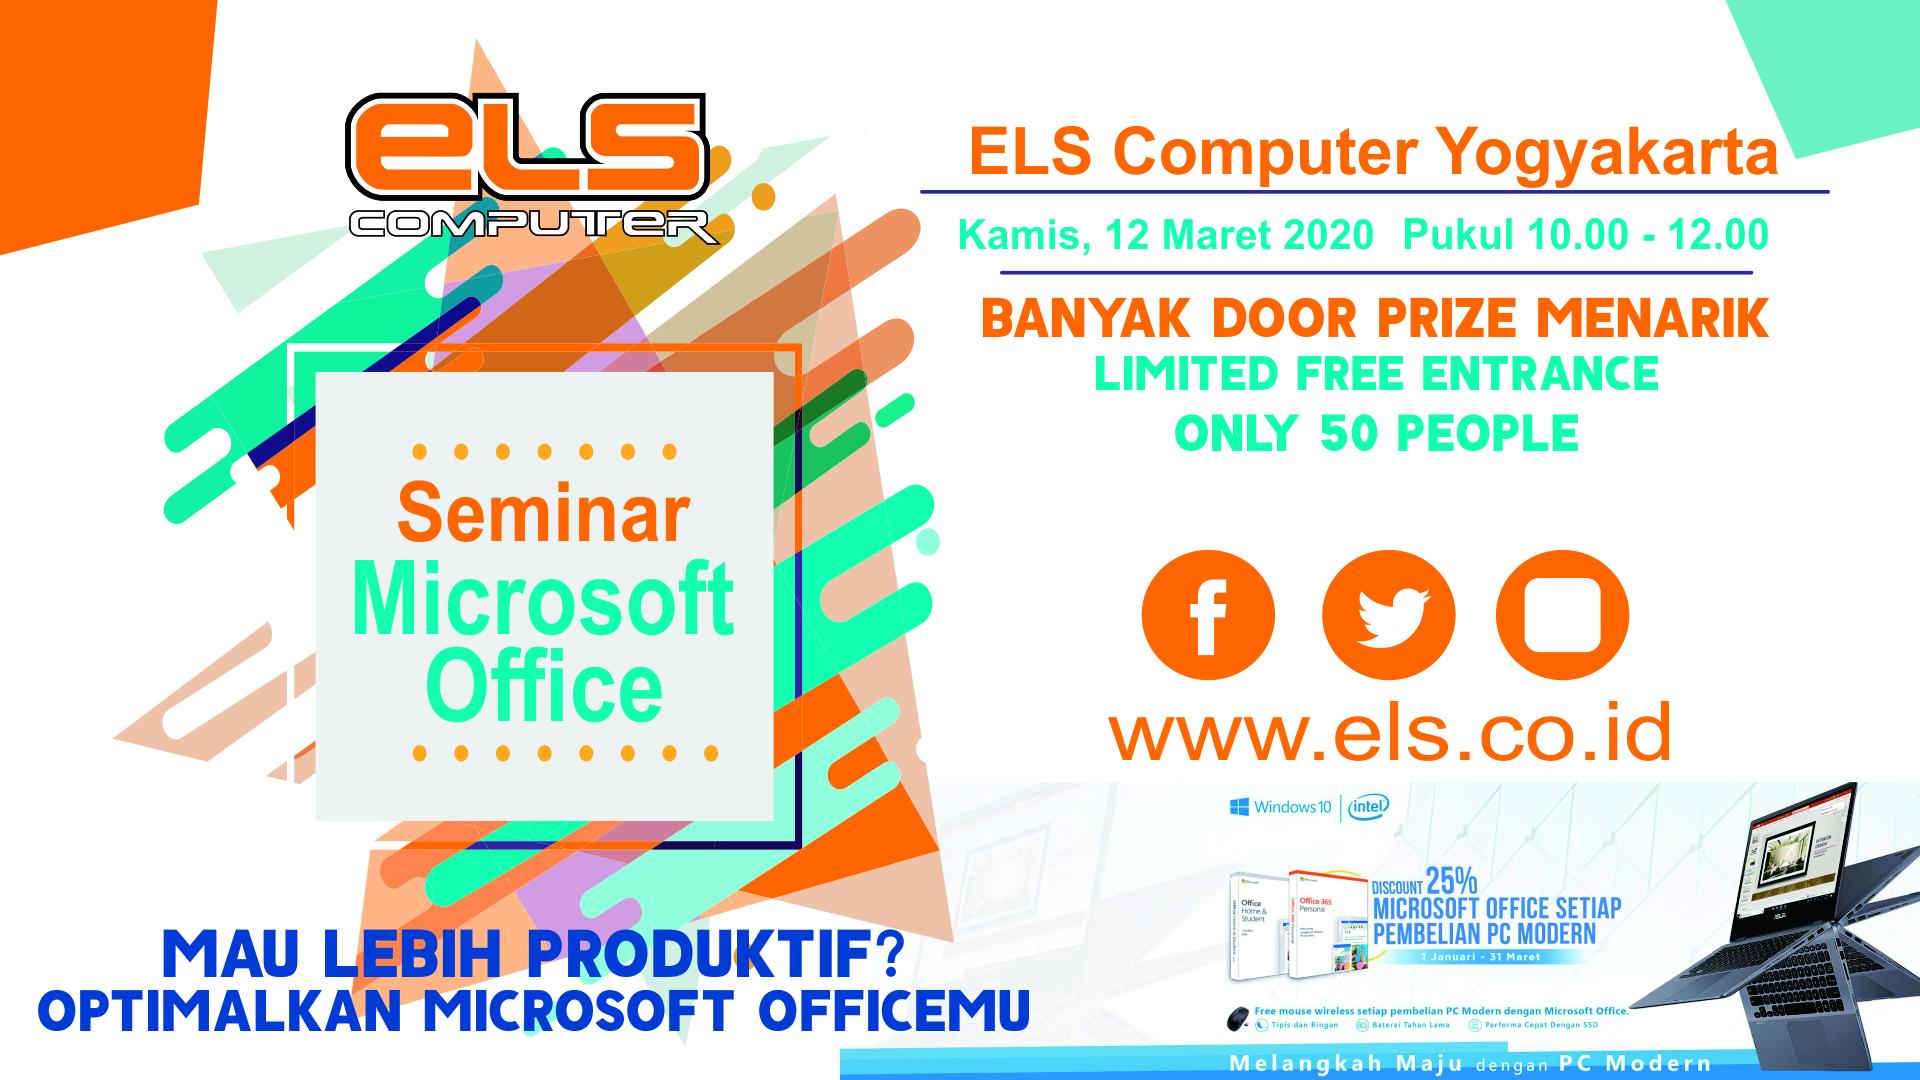 Seminar Microsoft Office Gratis di ELS Computer